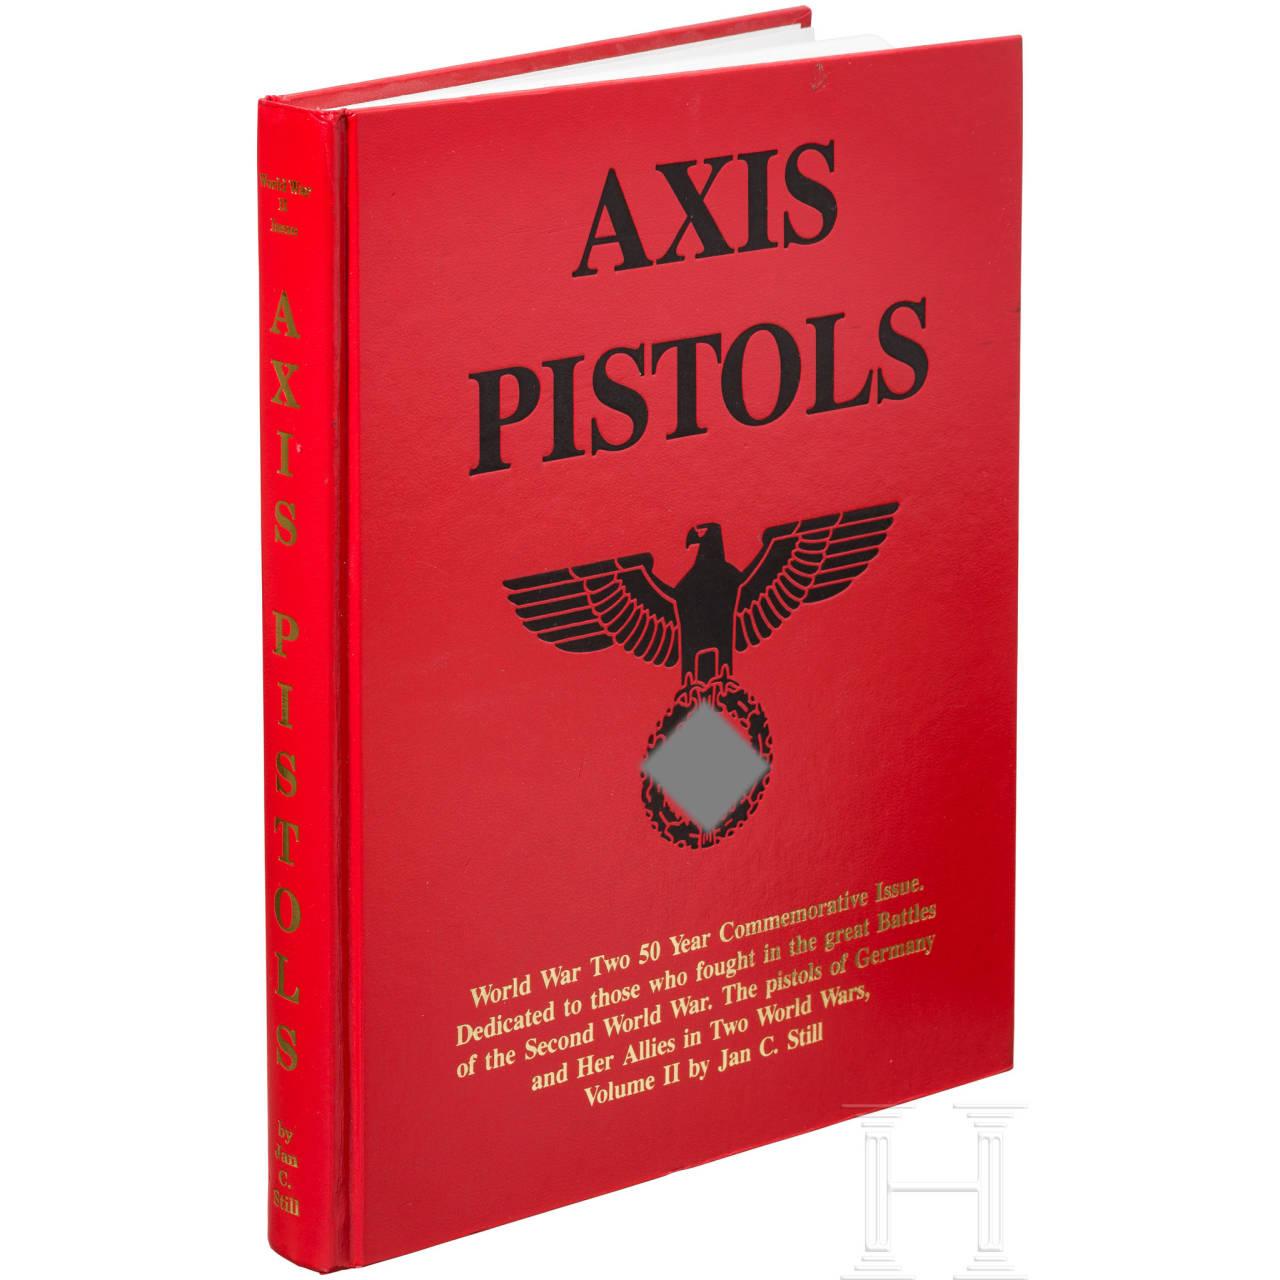 Still, Axis Pistols